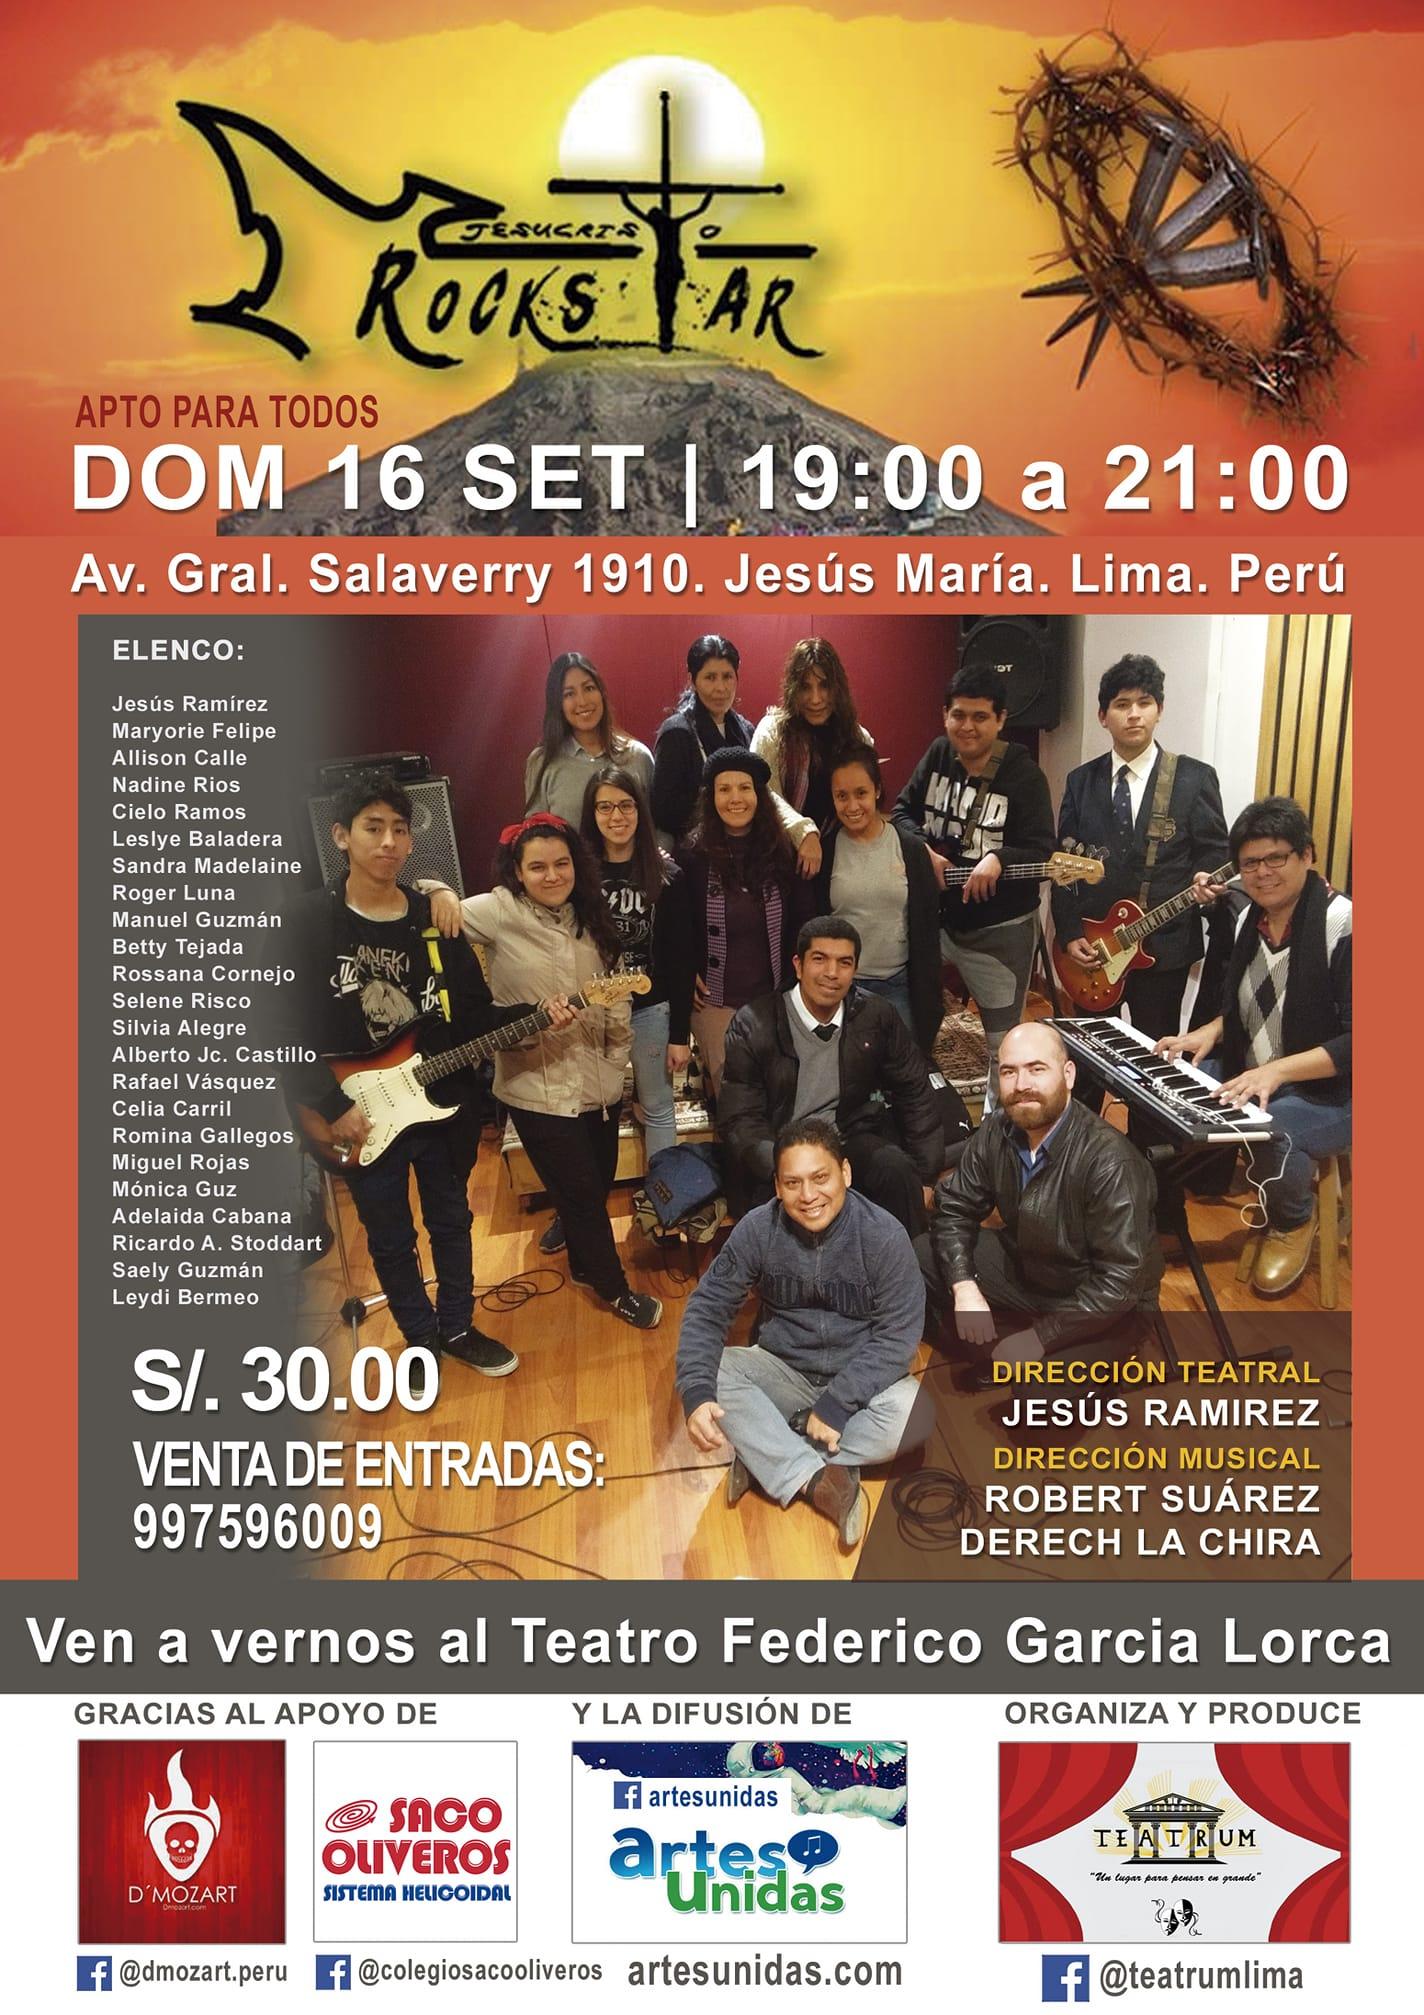 Afiche de Jesucristo Rock Star